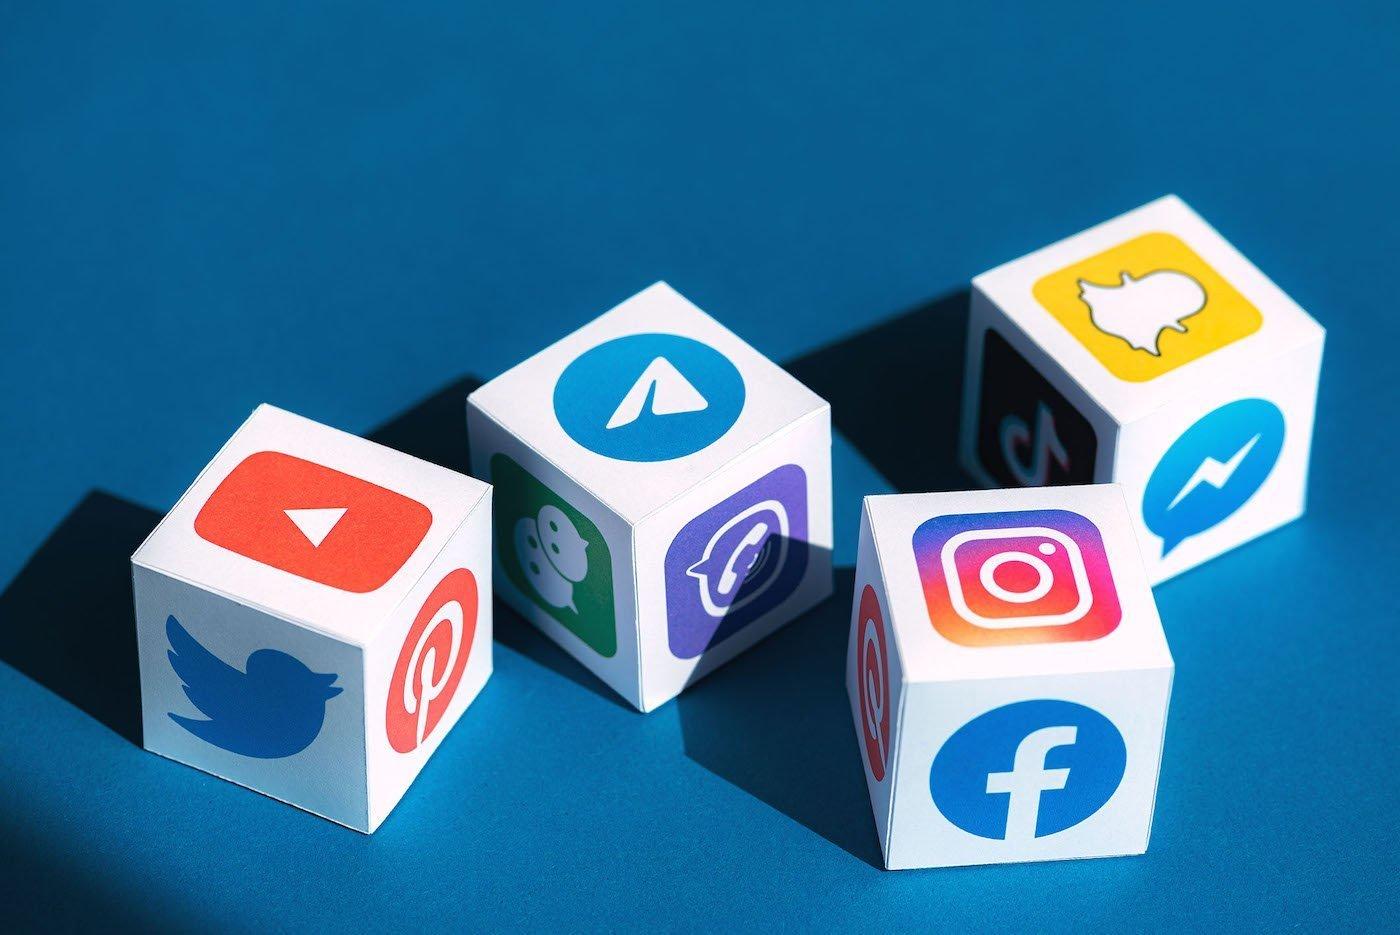 ممنوعیت فعالیت در شبکههای اجتماعی فیلتر شده در طرح مجلس برای فضای مجازی